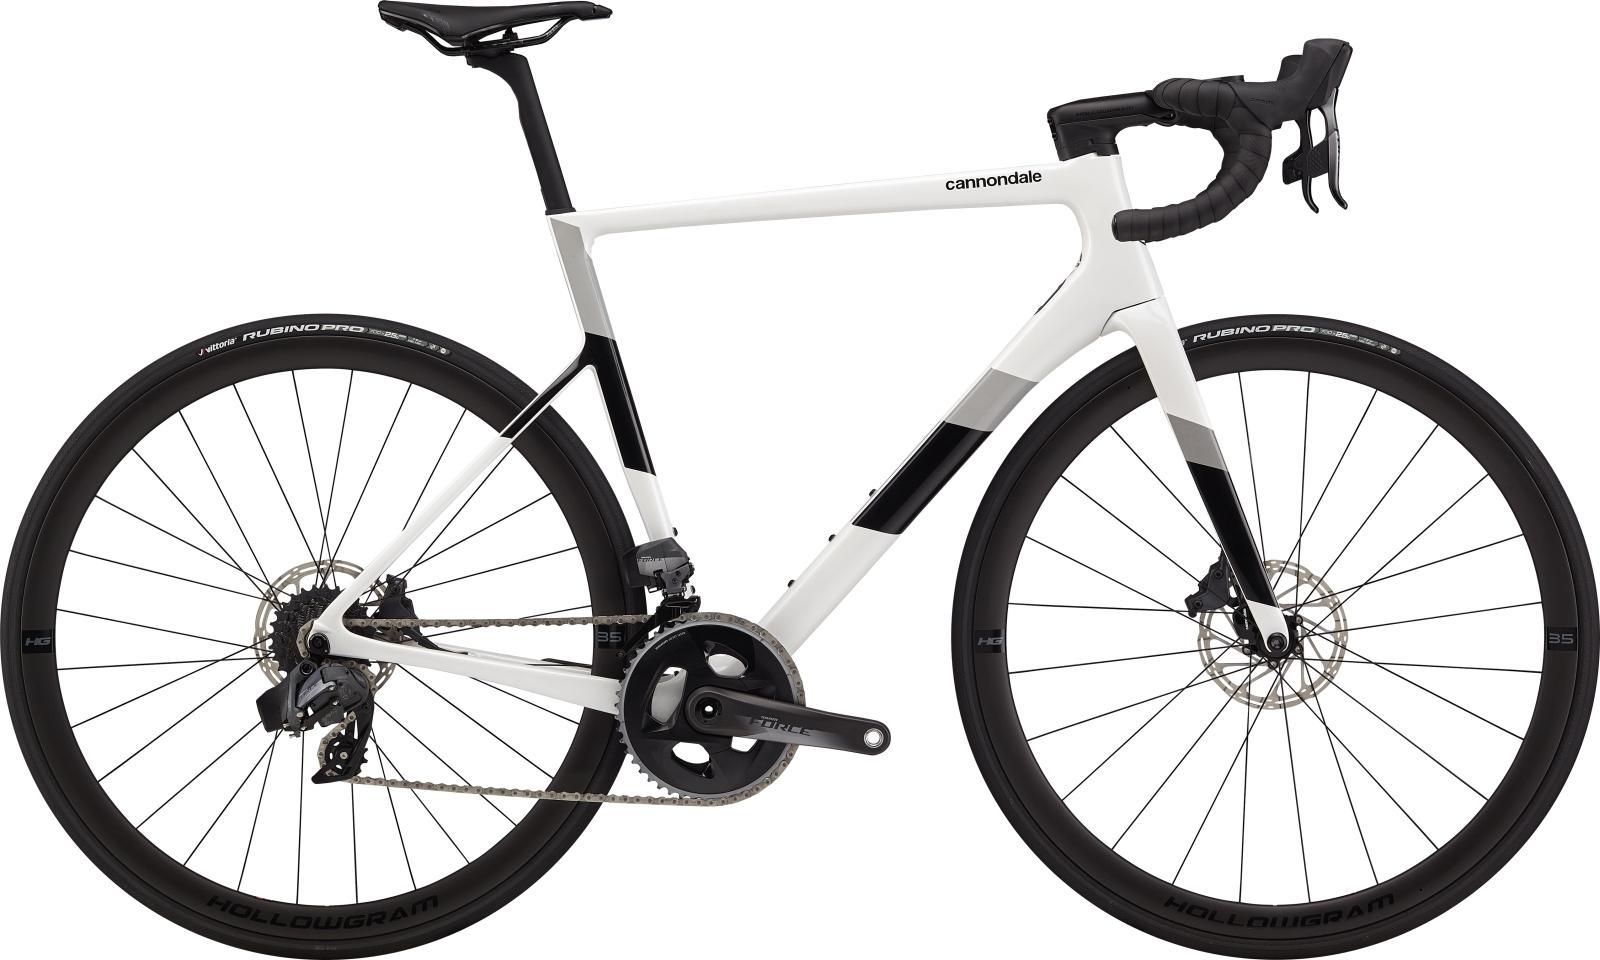 Cannondale Super Six Evo Carbon Disc Force eTap országúti kerékpár - fehér - 51 cm (2020)